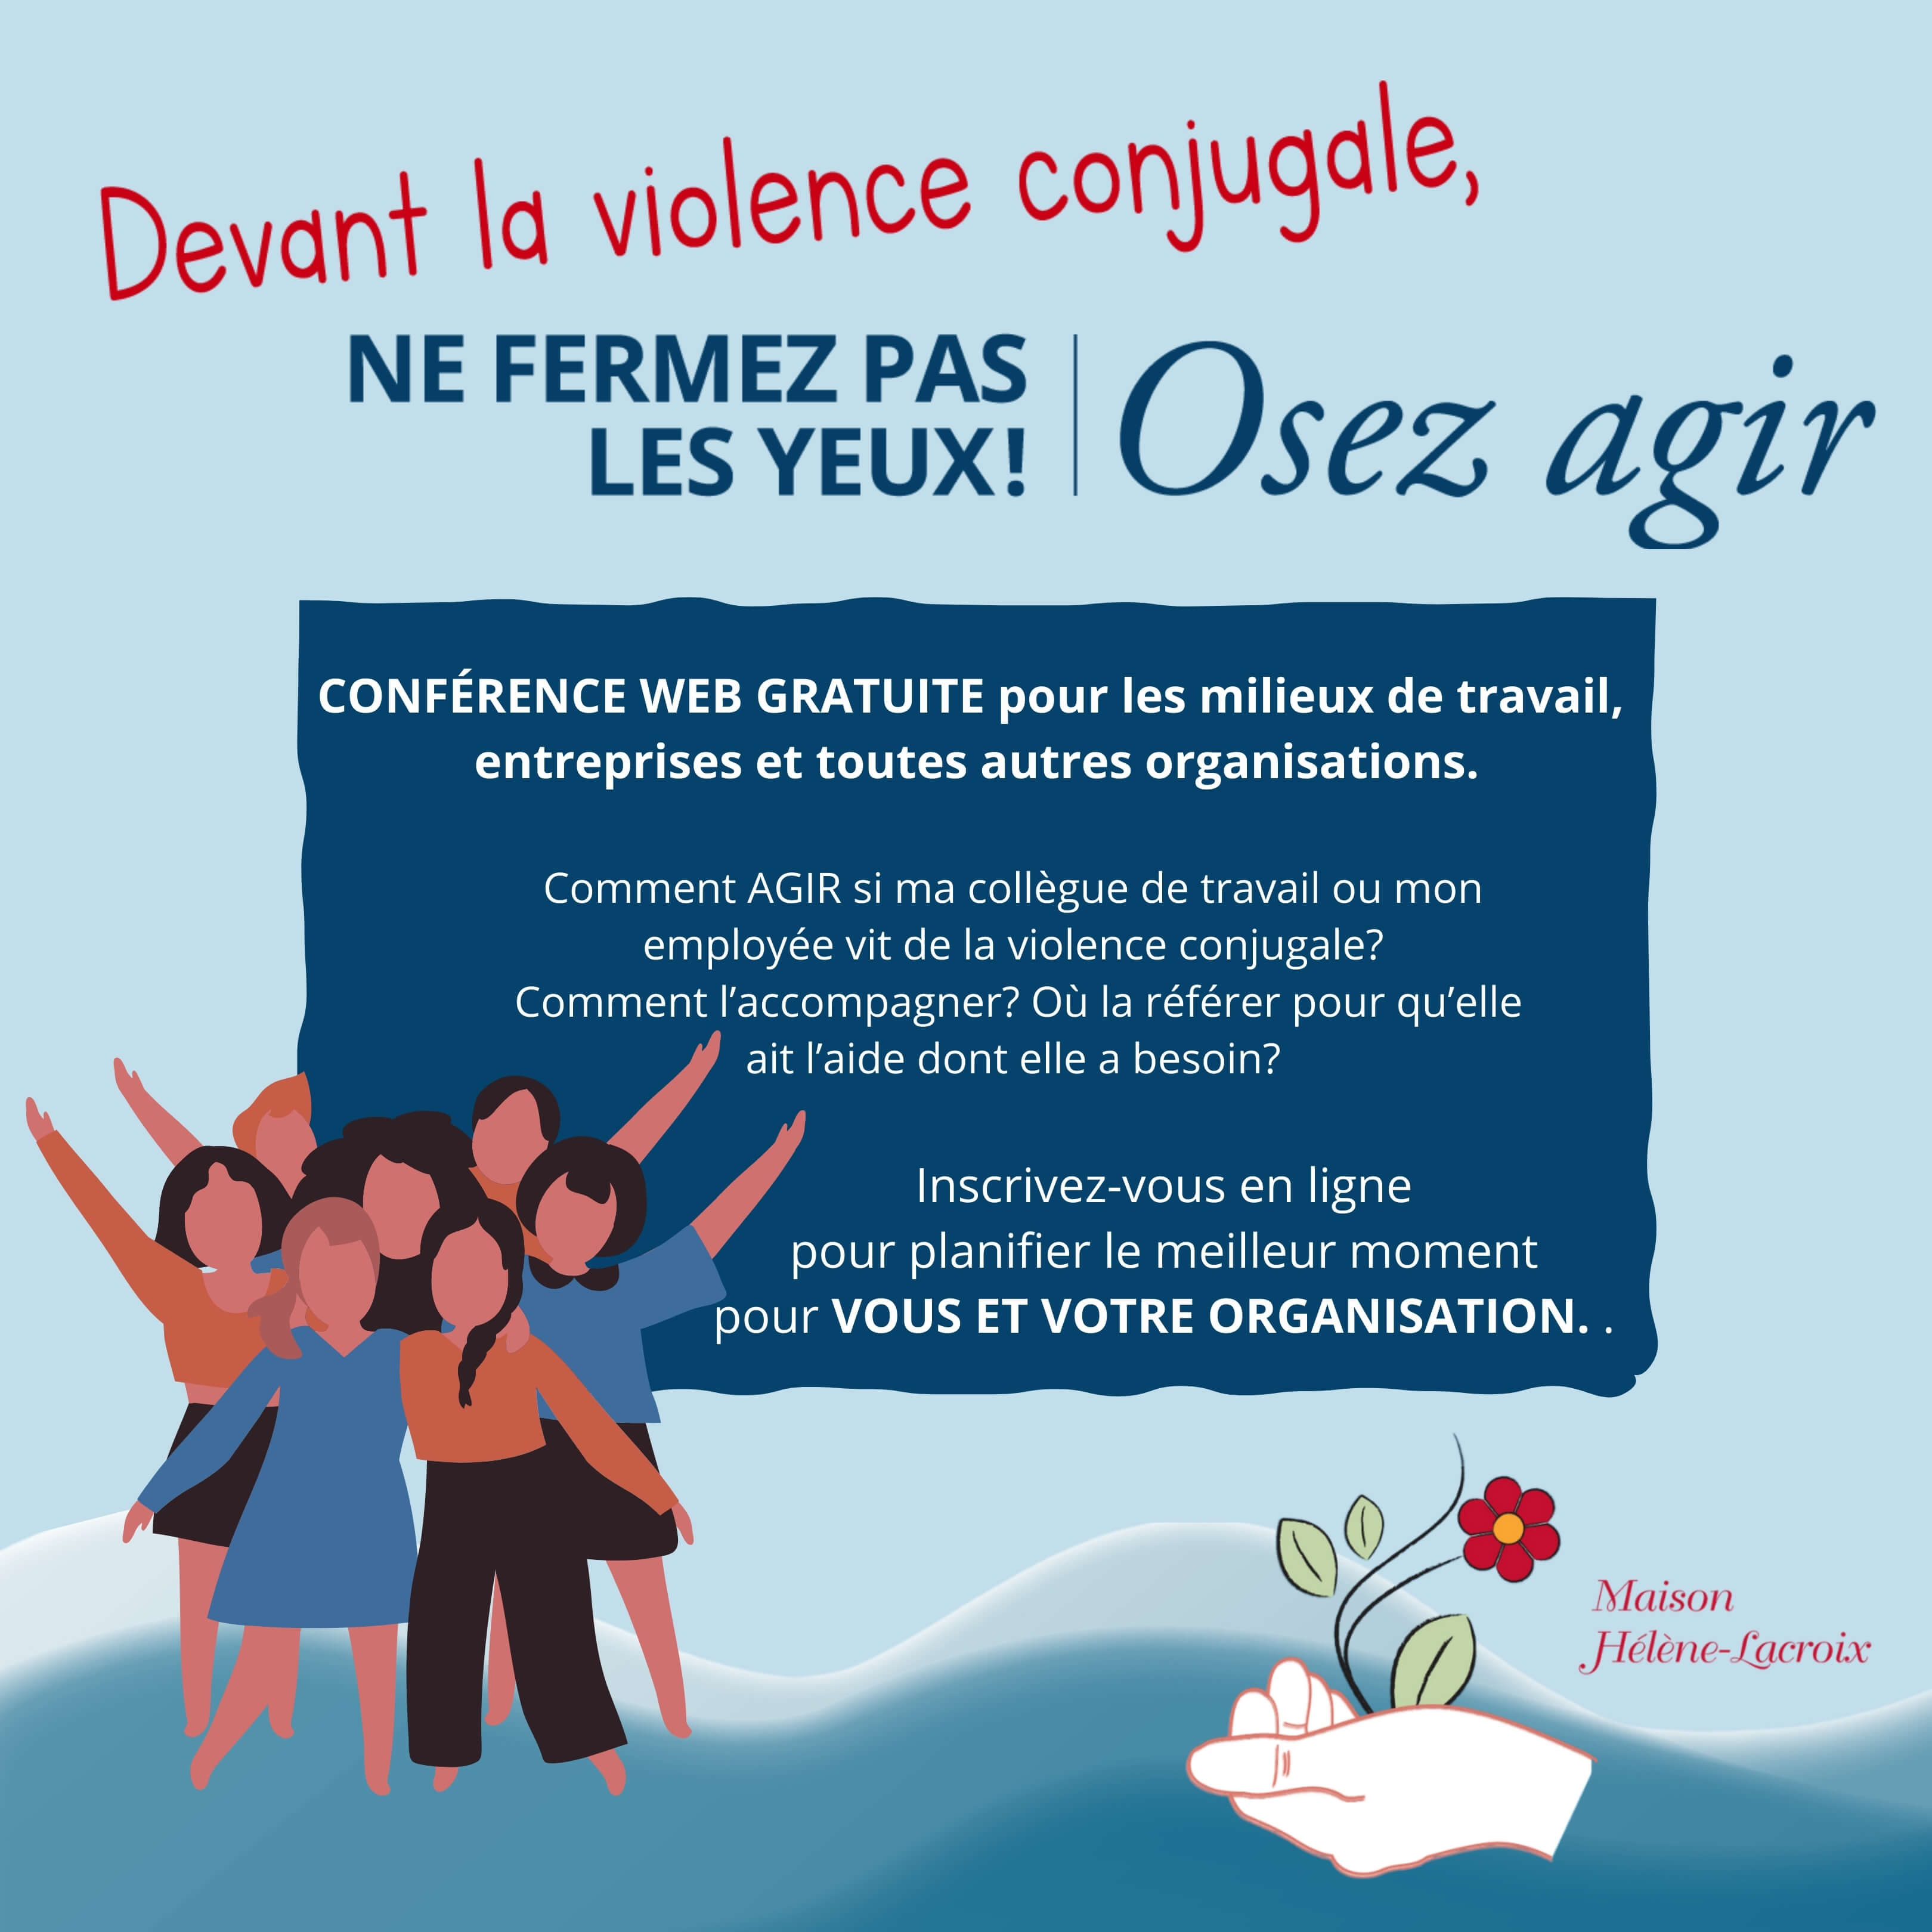 Devant la violence conjugale, Ne fermez pas les yeux! Osez agir.